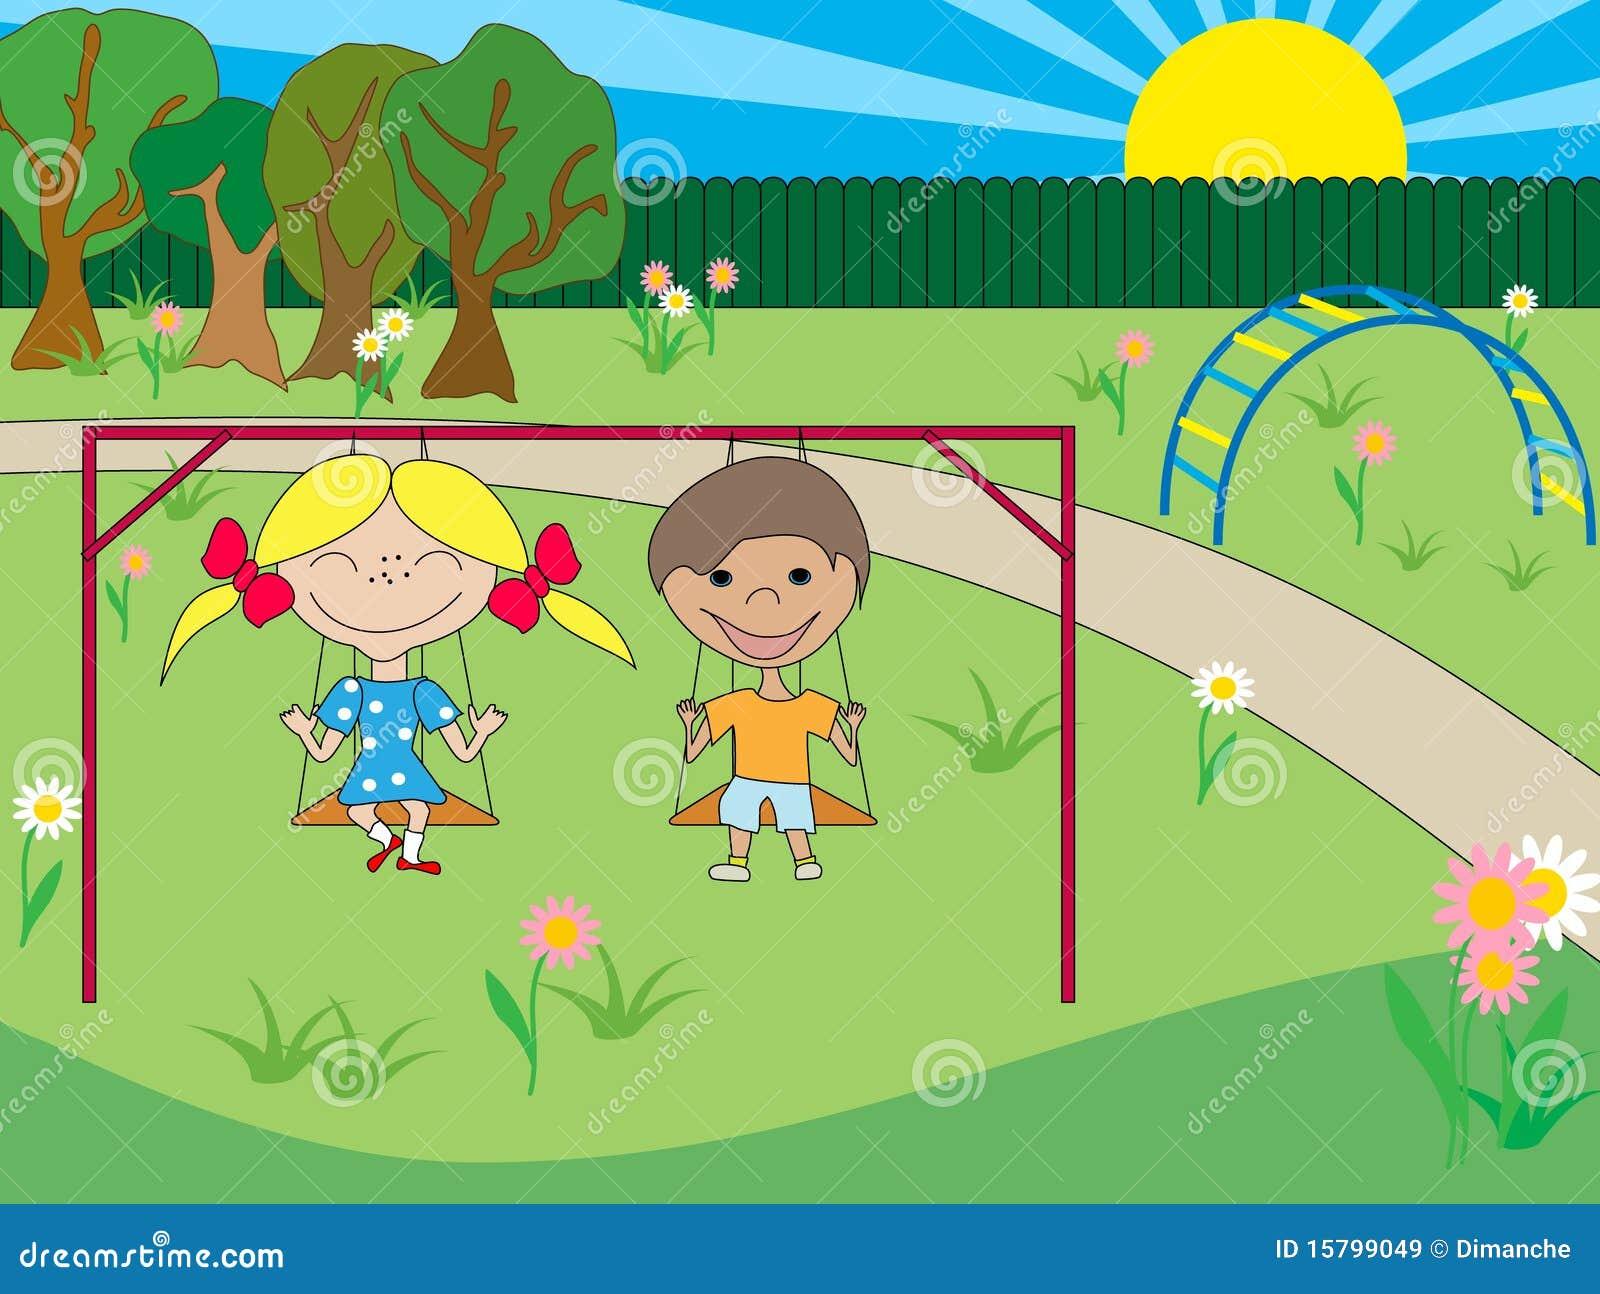 Crianças Se Divertindo No Parque: Crianças No Parque Ilustração Do Vetor. Ilustração De